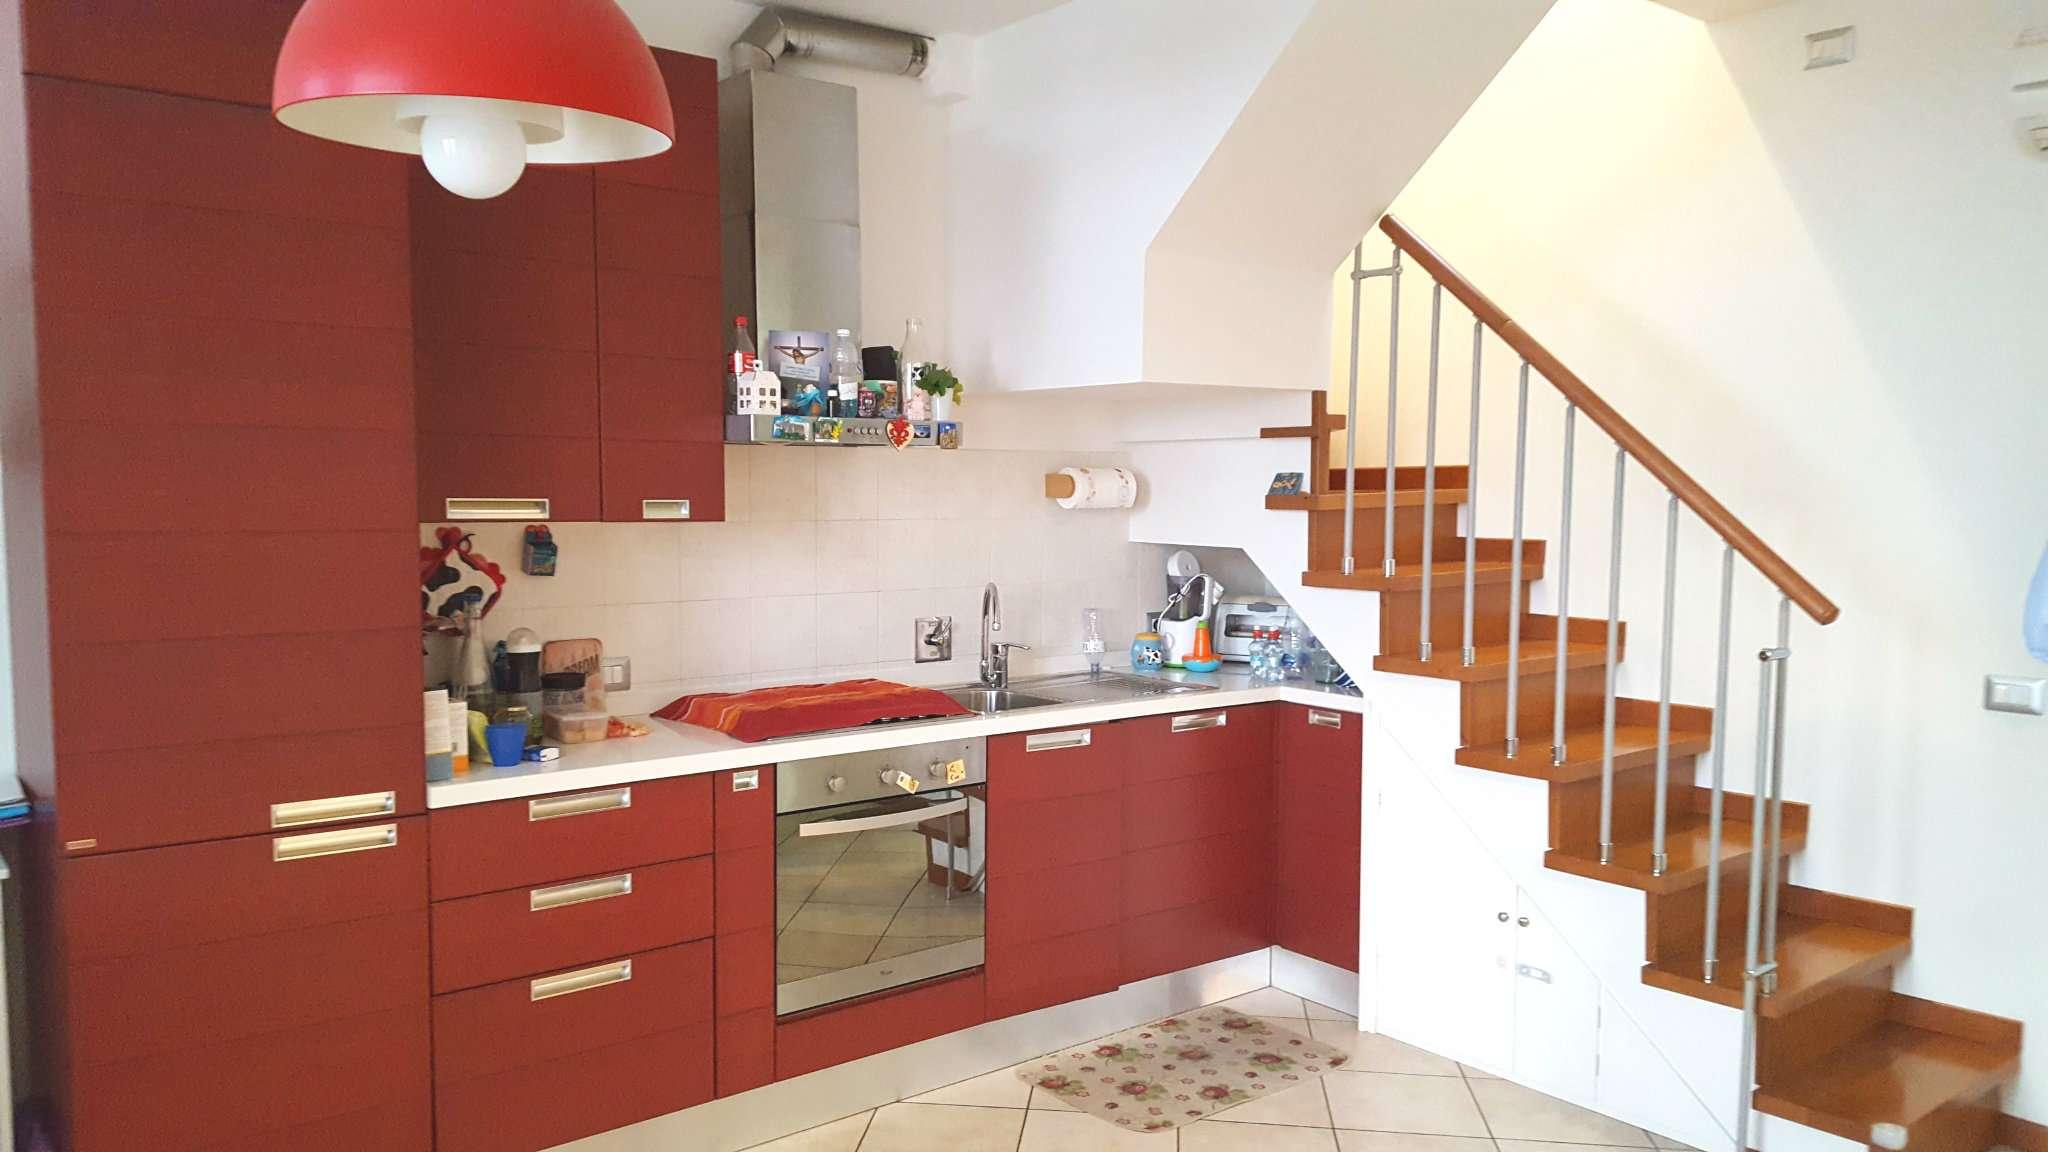 Appartamento in vendita a Calenzano, 3 locali, prezzo € 190.000 | CambioCasa.it